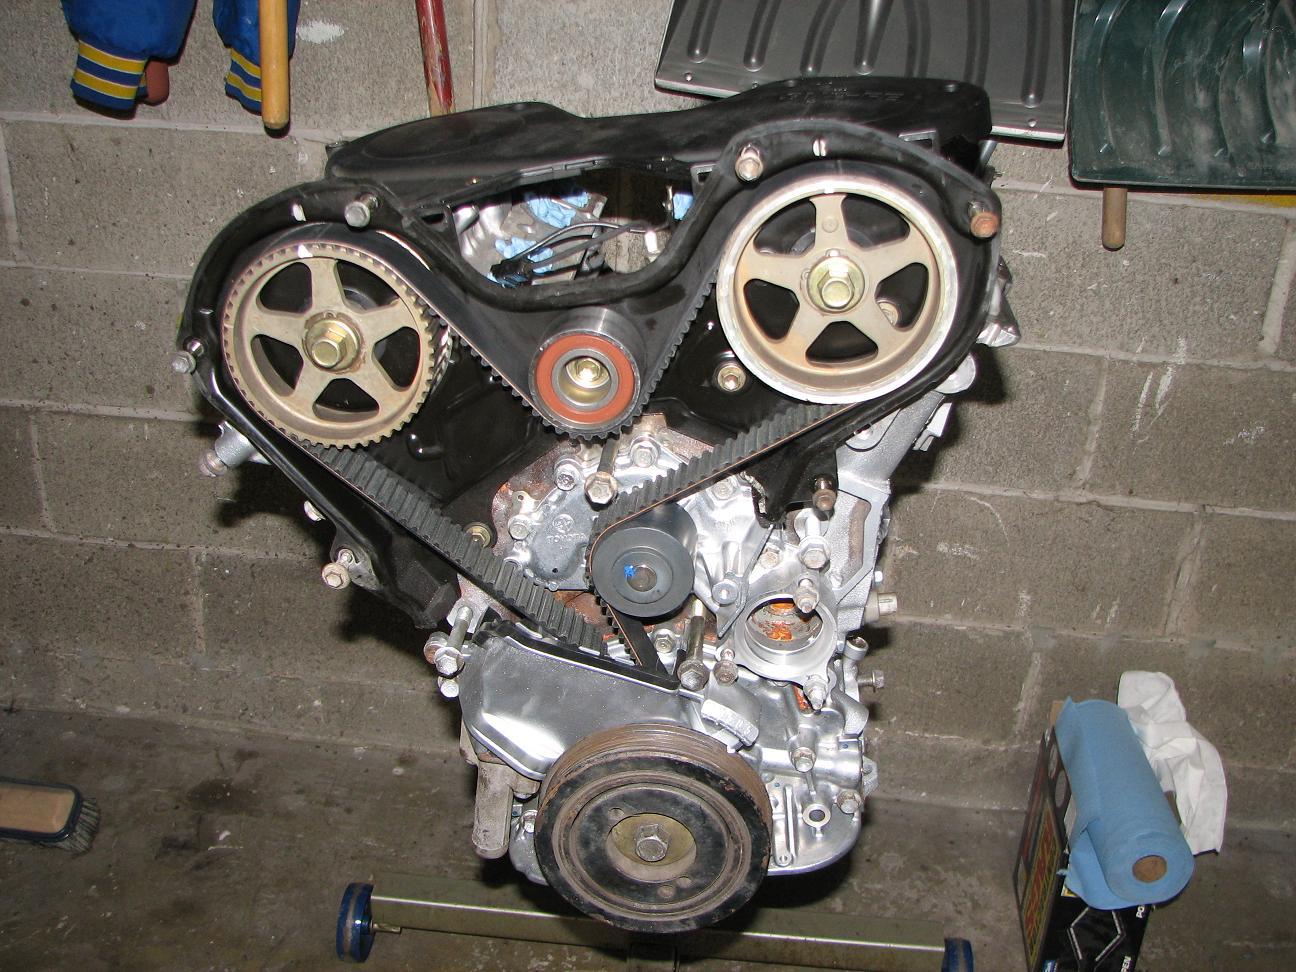 96 Camry Timing Belt V6 Engine Diagram Toyota Change